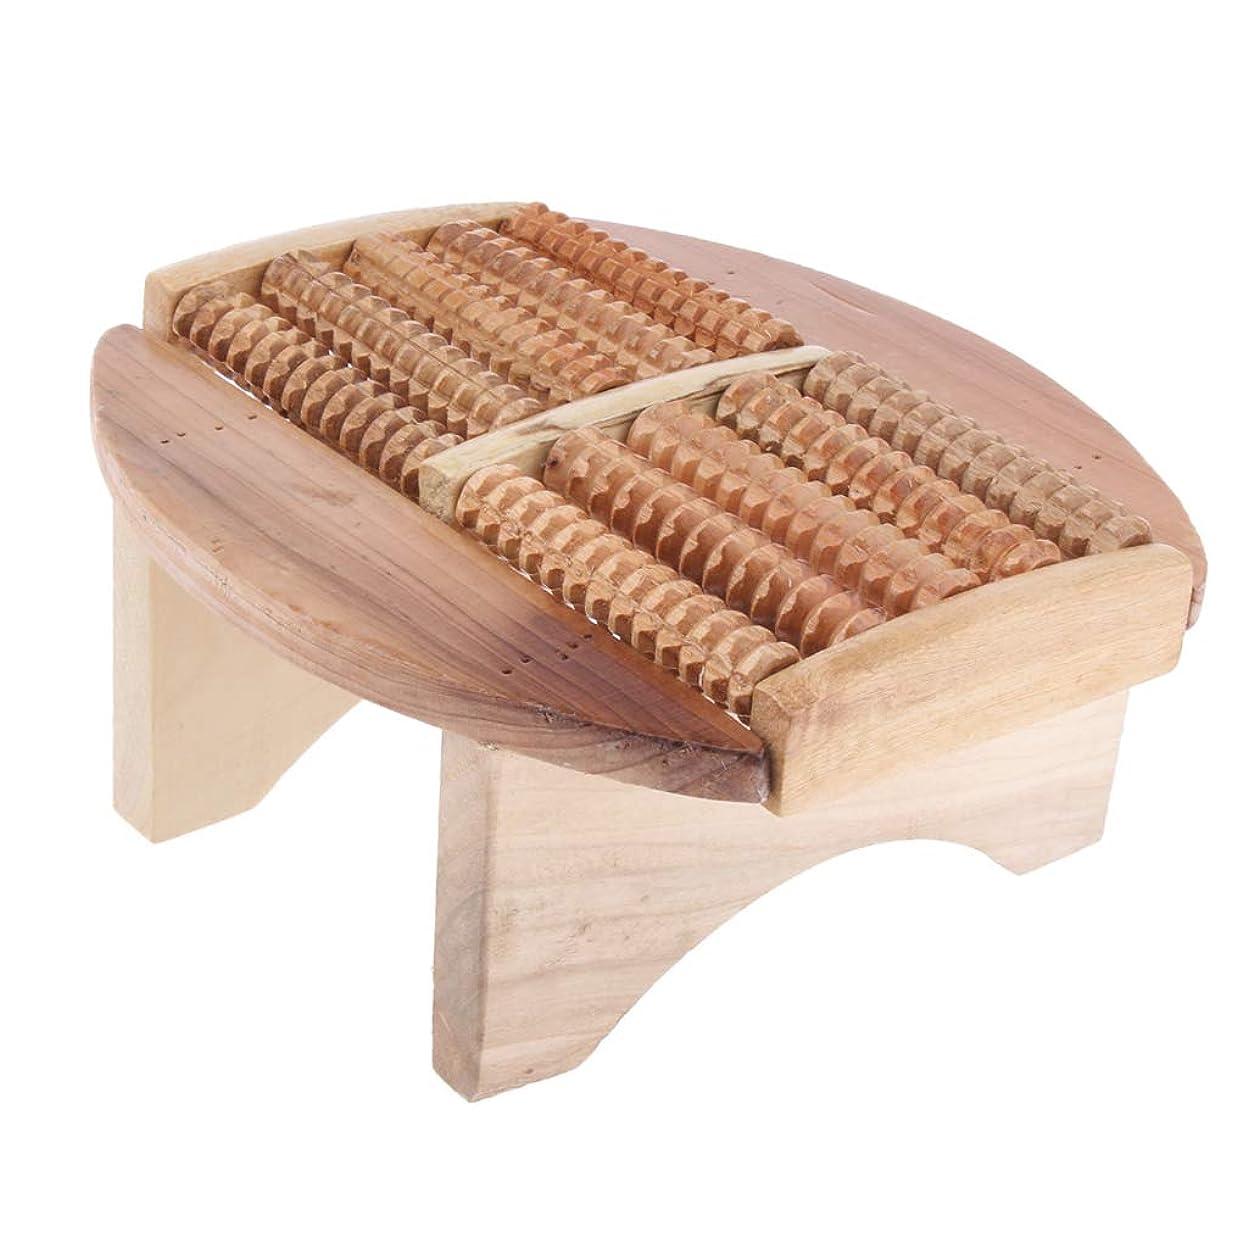 学習建物スピーチBaoblaze フットマッサージスツール 木製 足湯ステップ マッサージ スツール SPA